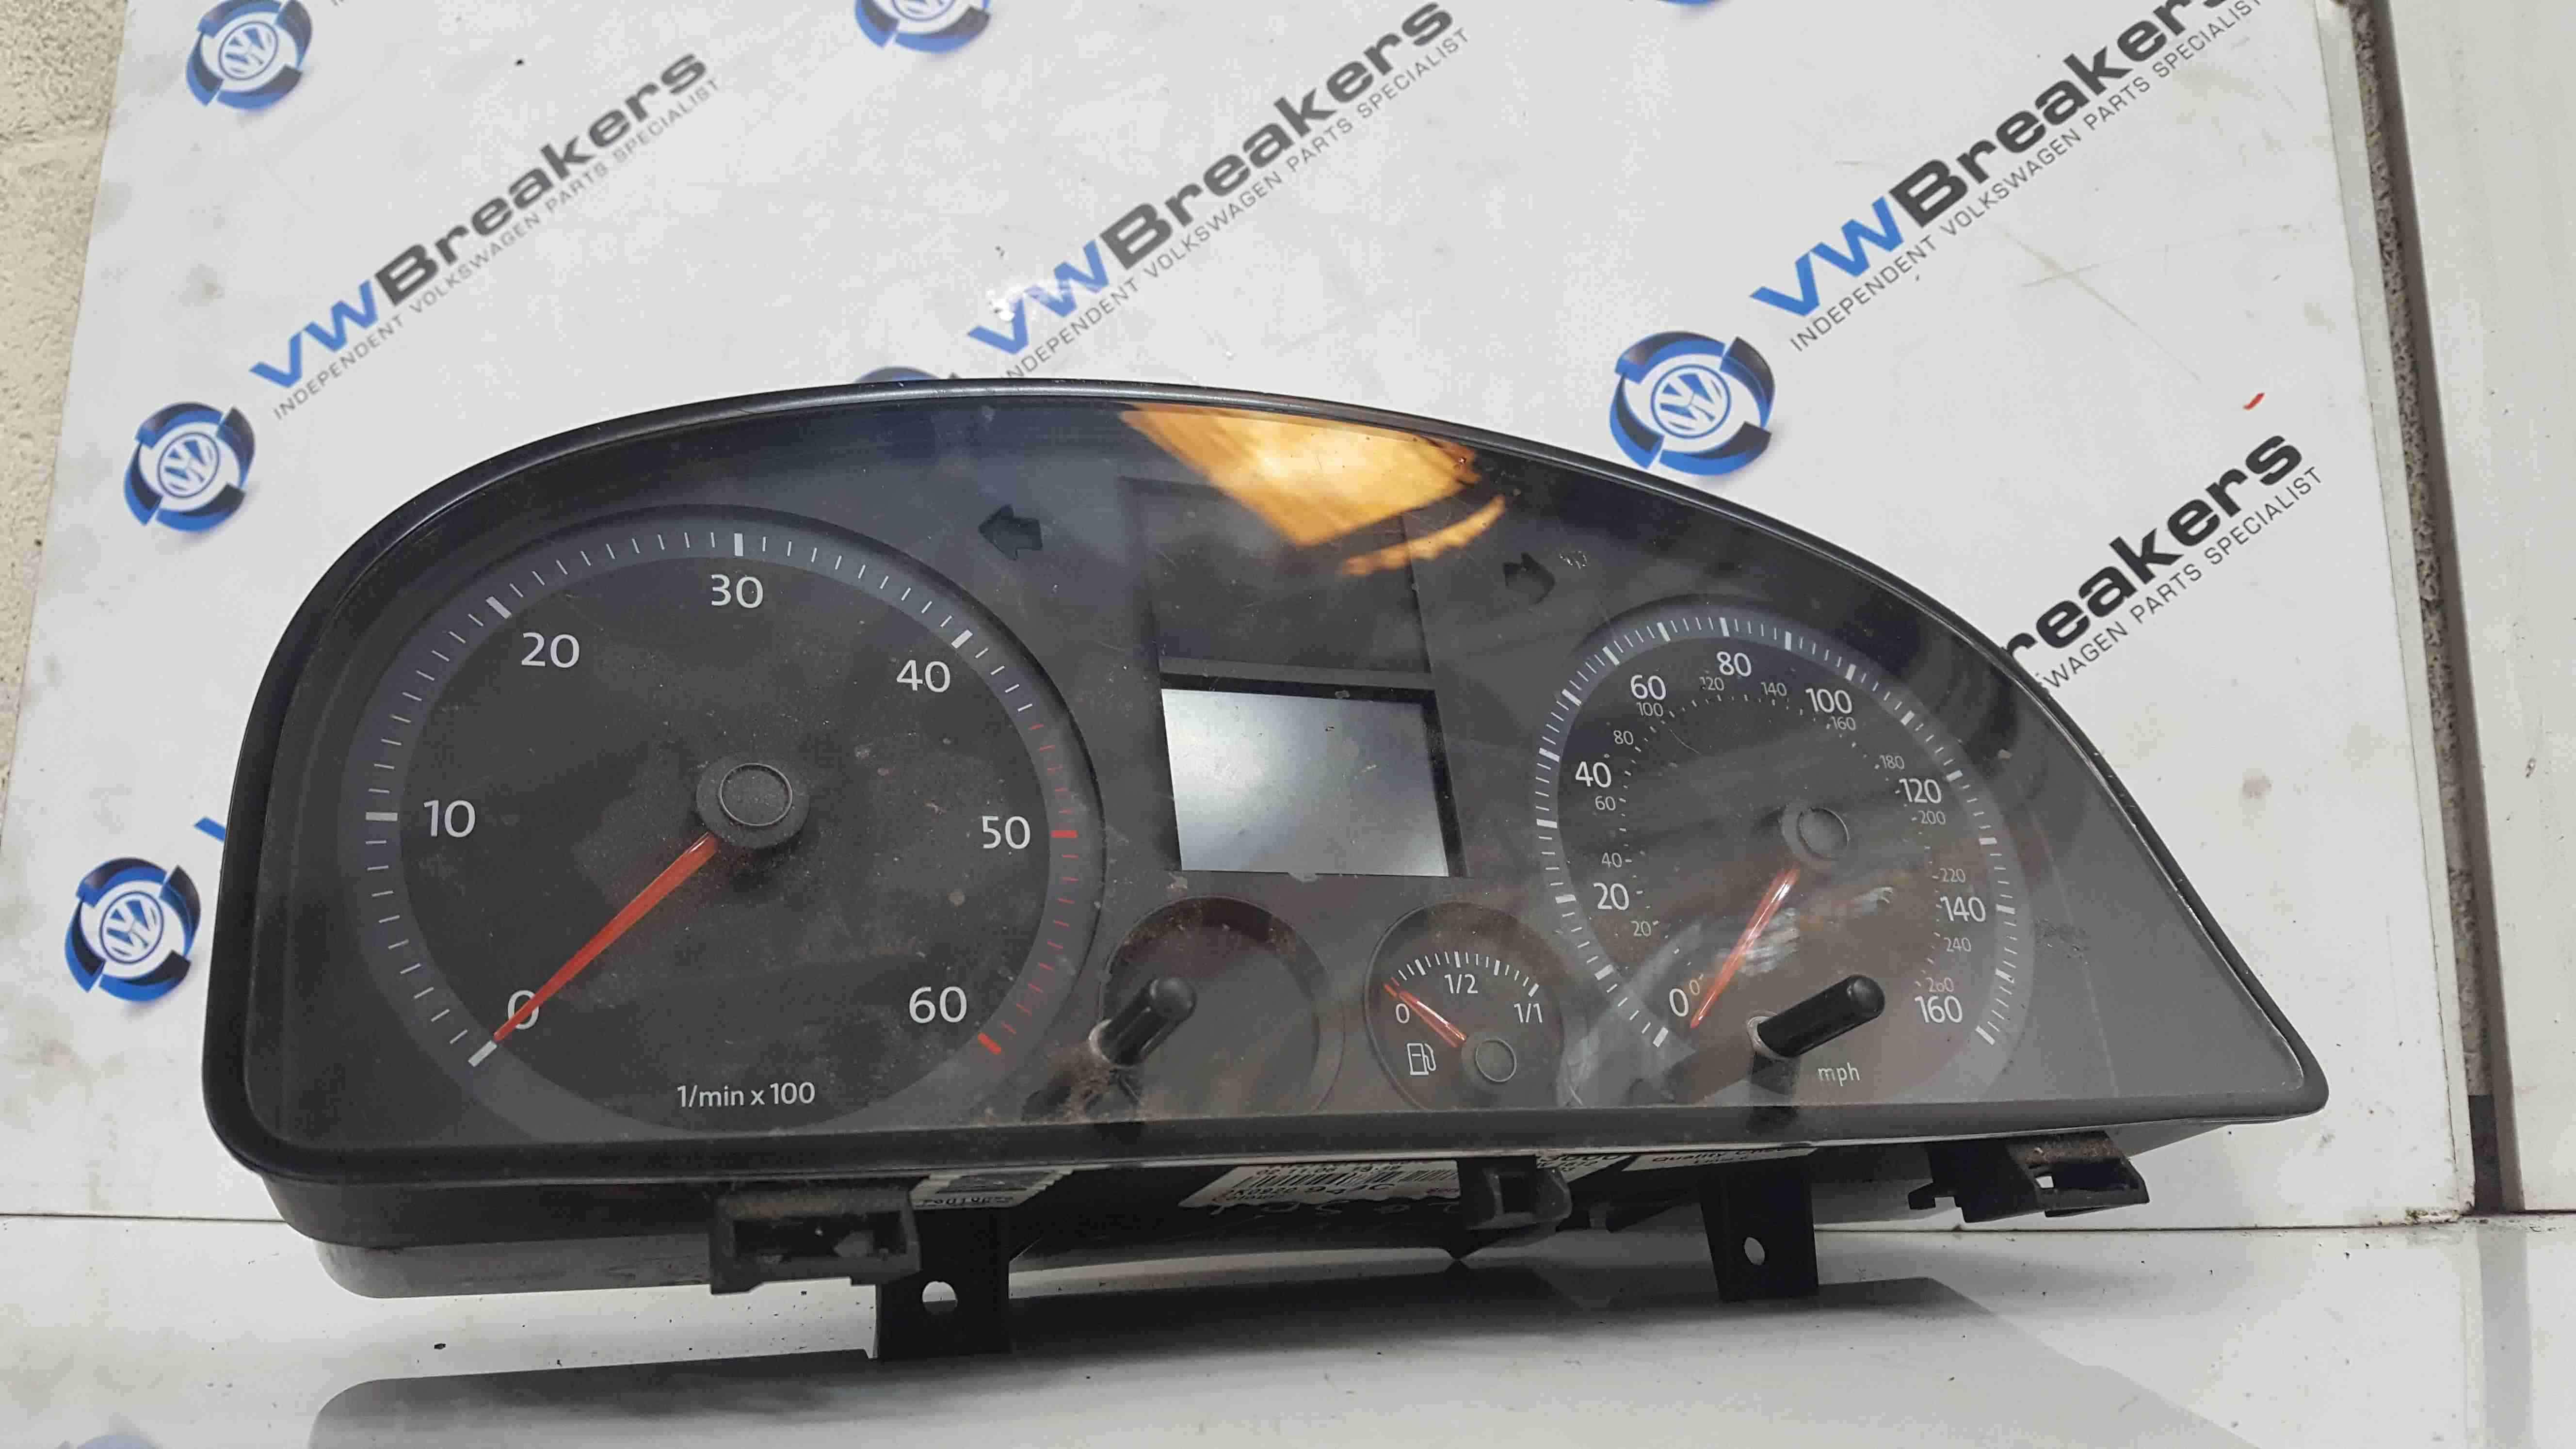 Volkswagen Caddy 2004-2010 Instrument Panel Dials Gauges Clocks 2K0920943C